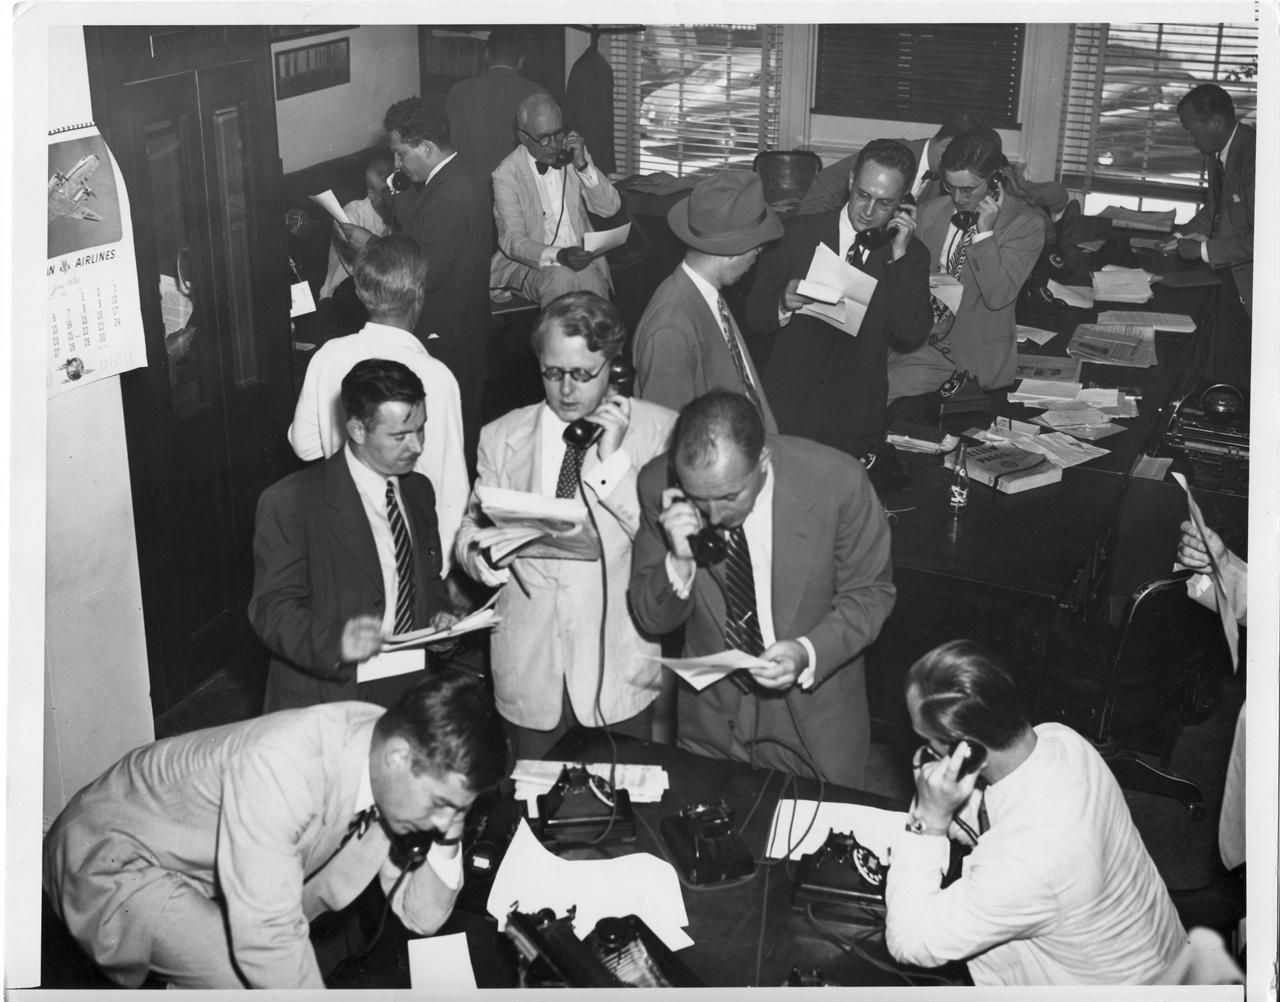 9. 워싱턴, 유엔안전보장이사회에서 한국 파병안이 통과되자 백악관 프레스룸 기자들이 본사로 급전을 하고 있다(1950. 6. 27.).